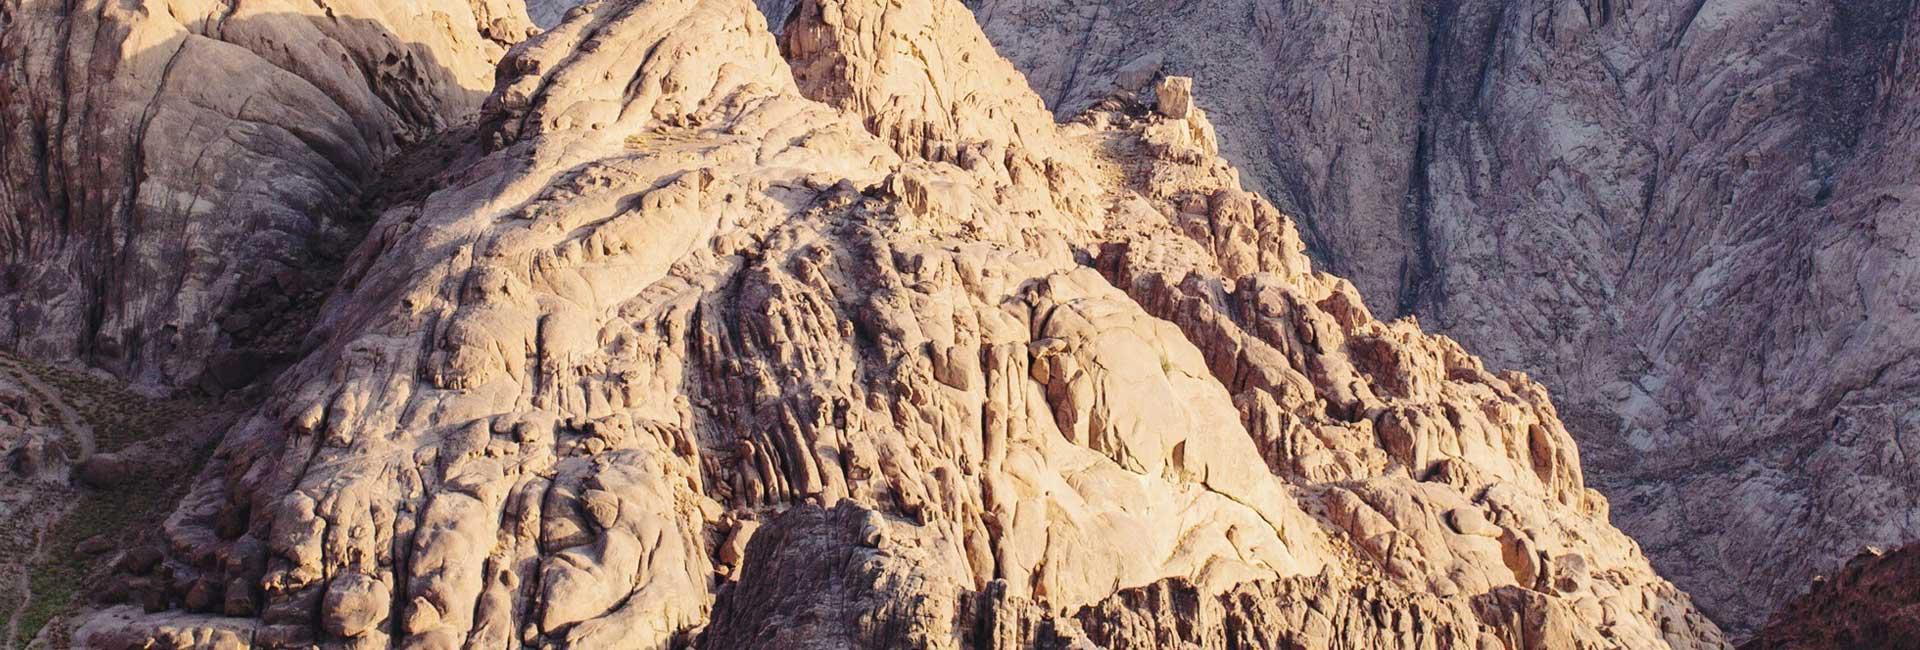 Sinai Information